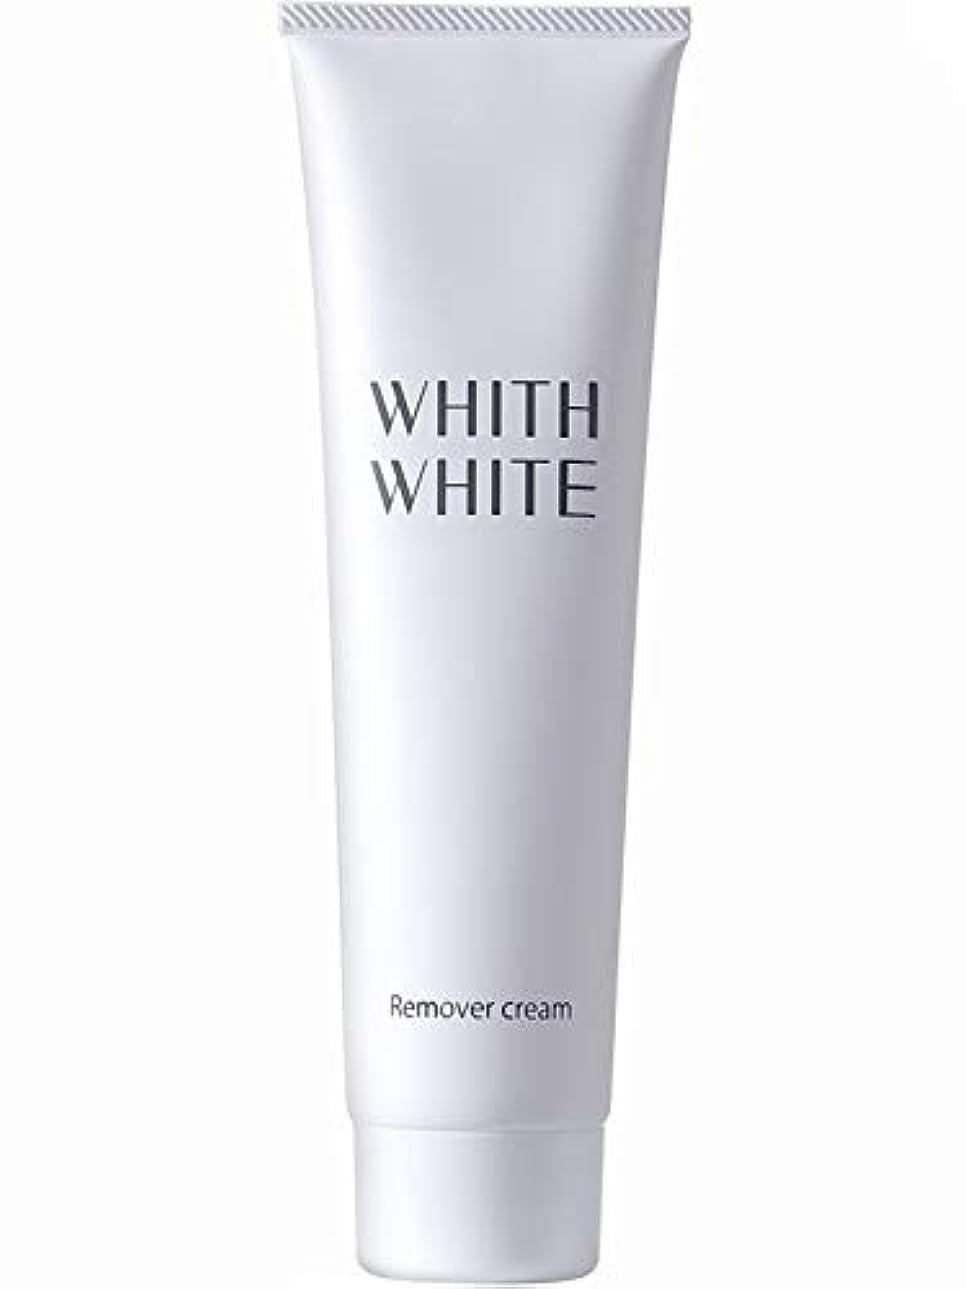 鬼ごっこ川ジョージバーナード【医薬部外品】 WHITH WHITE(フィス ホワイト) 除毛クリーム 150g 陰部 使用可能